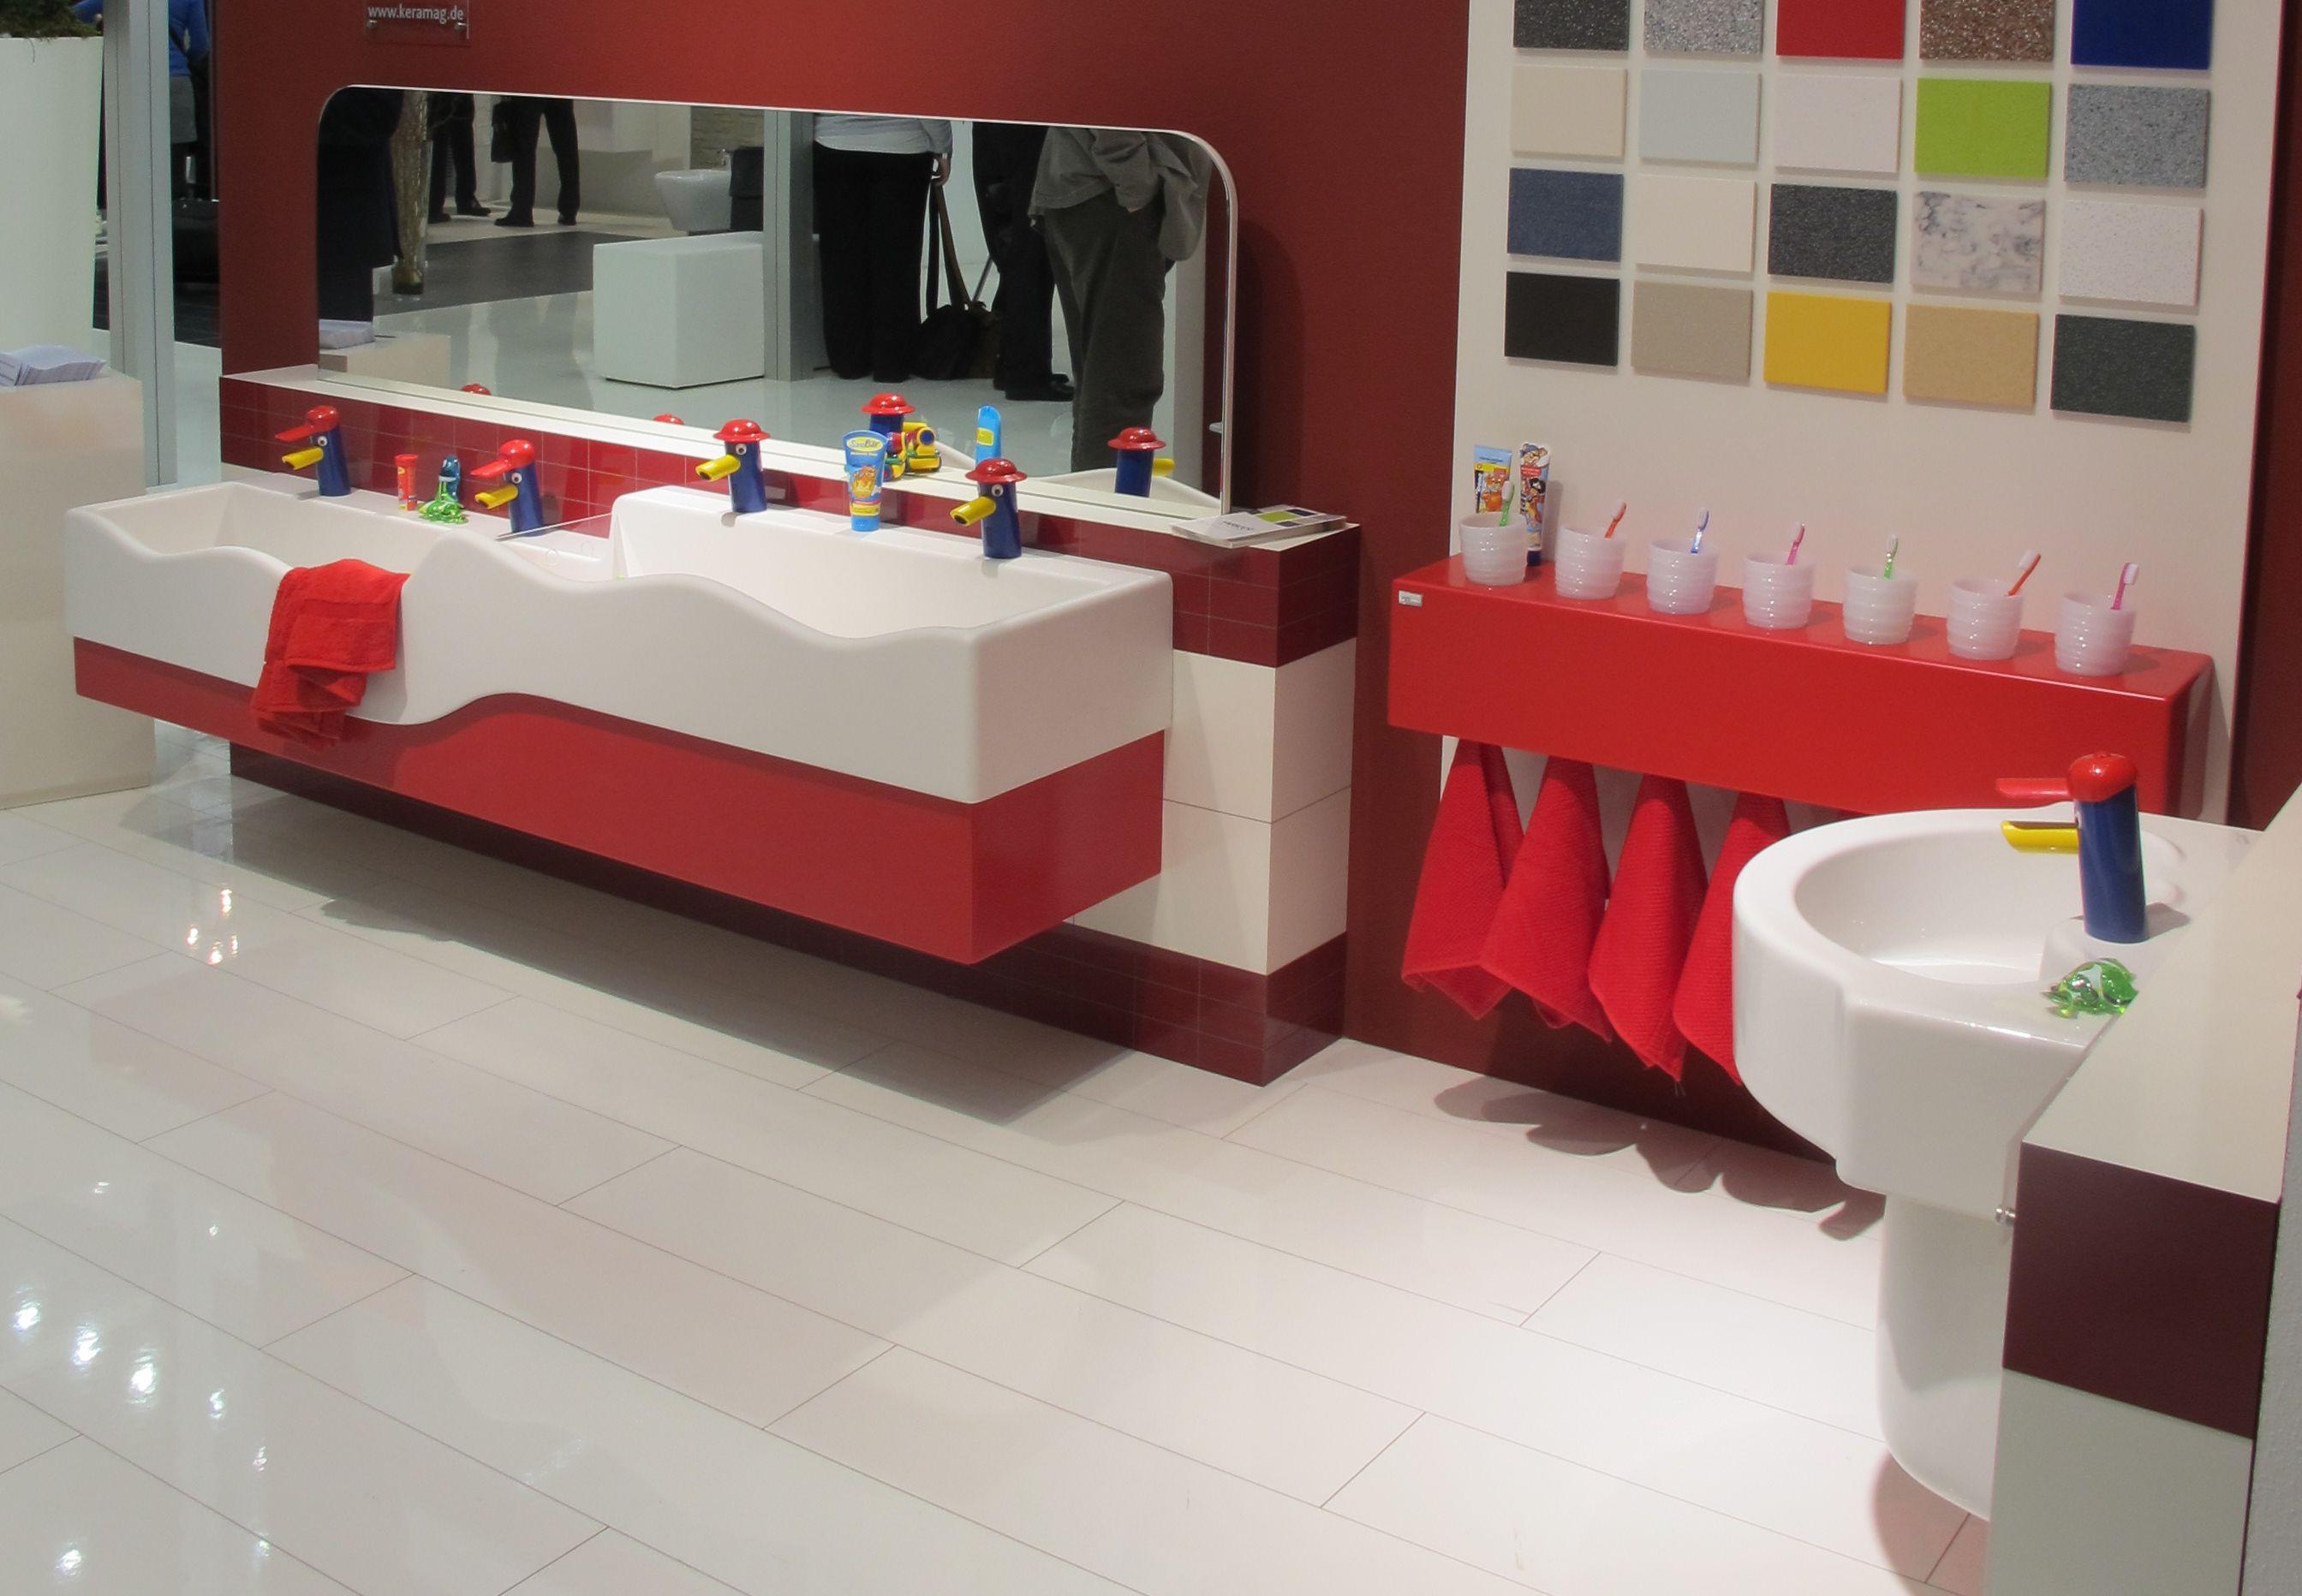 Colectia de obicte sanitare si accesorii pentru copii de la Keramag